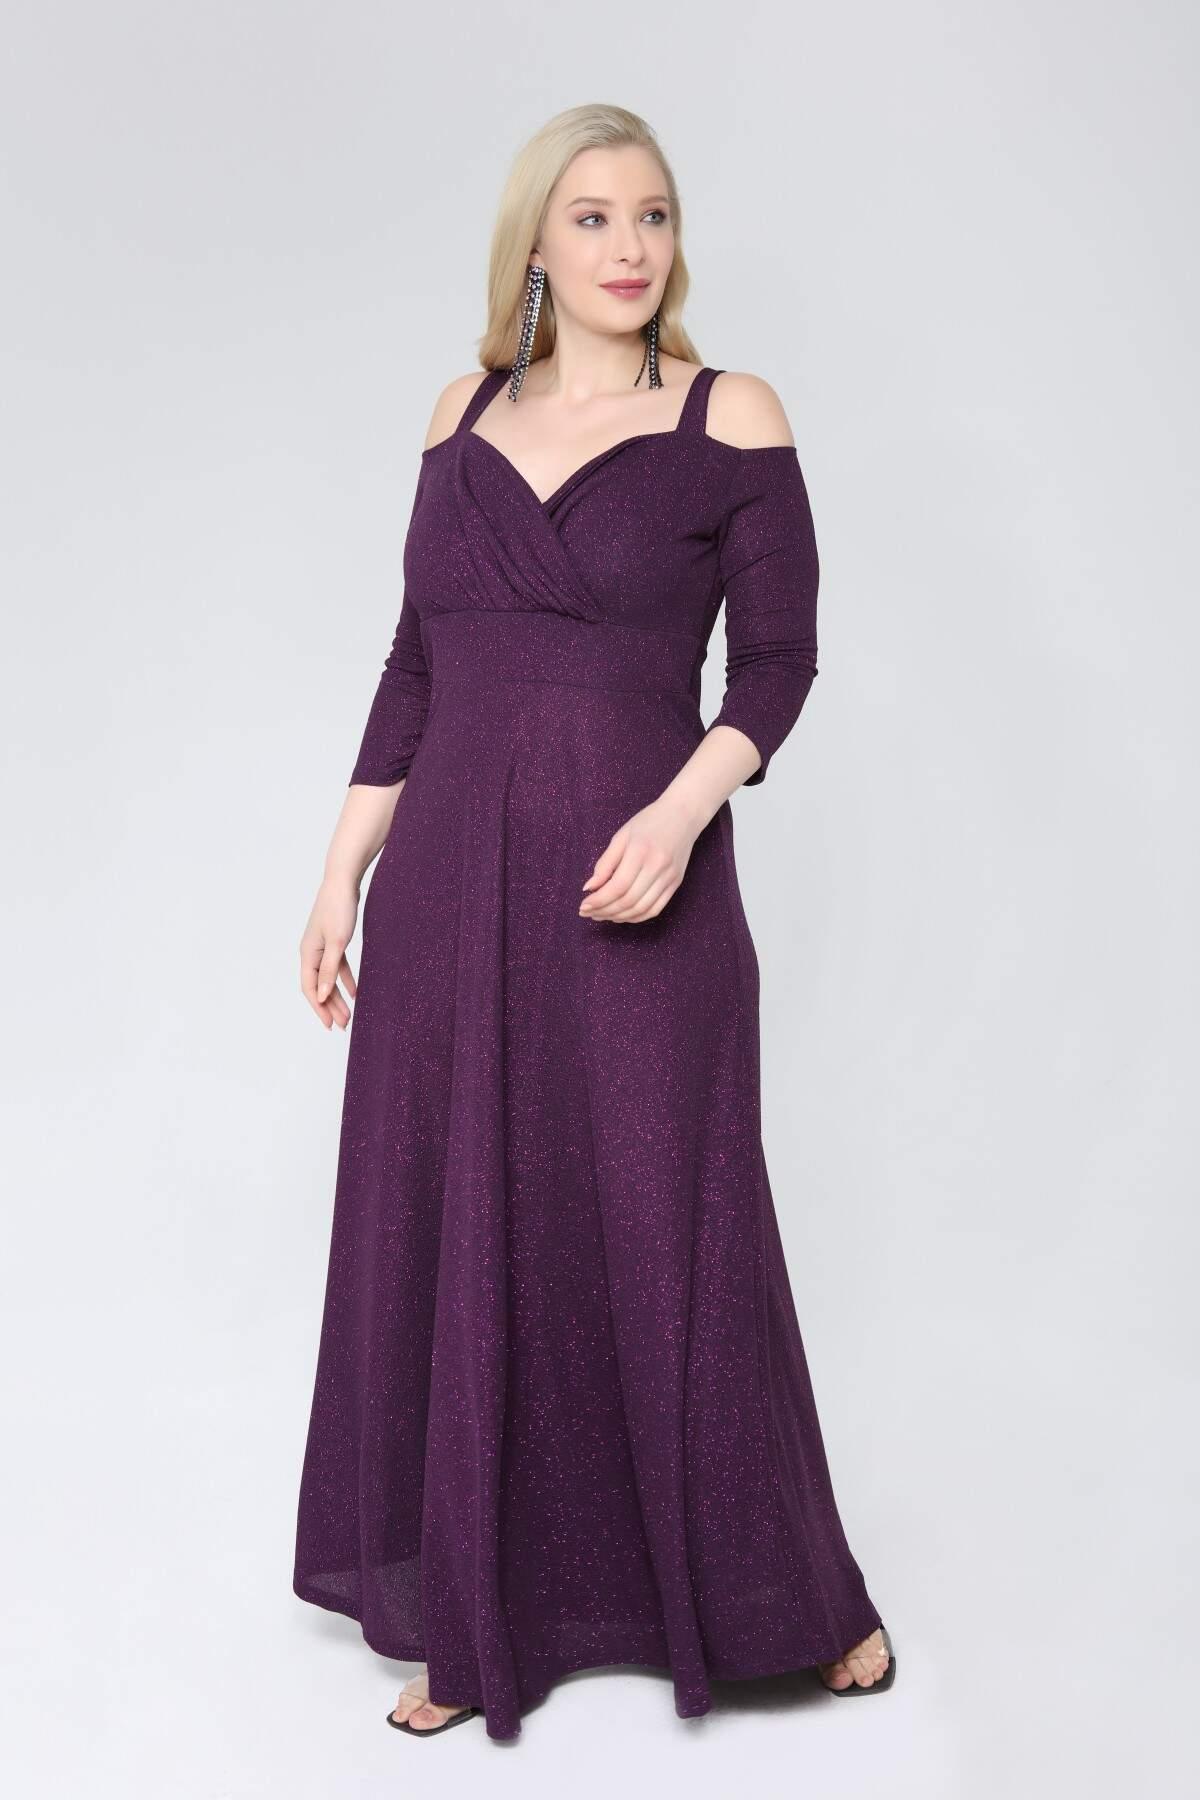 Angelino Büyük Beden Esnek Omuzlar Askılı Uzun Abiye Elbise 9005